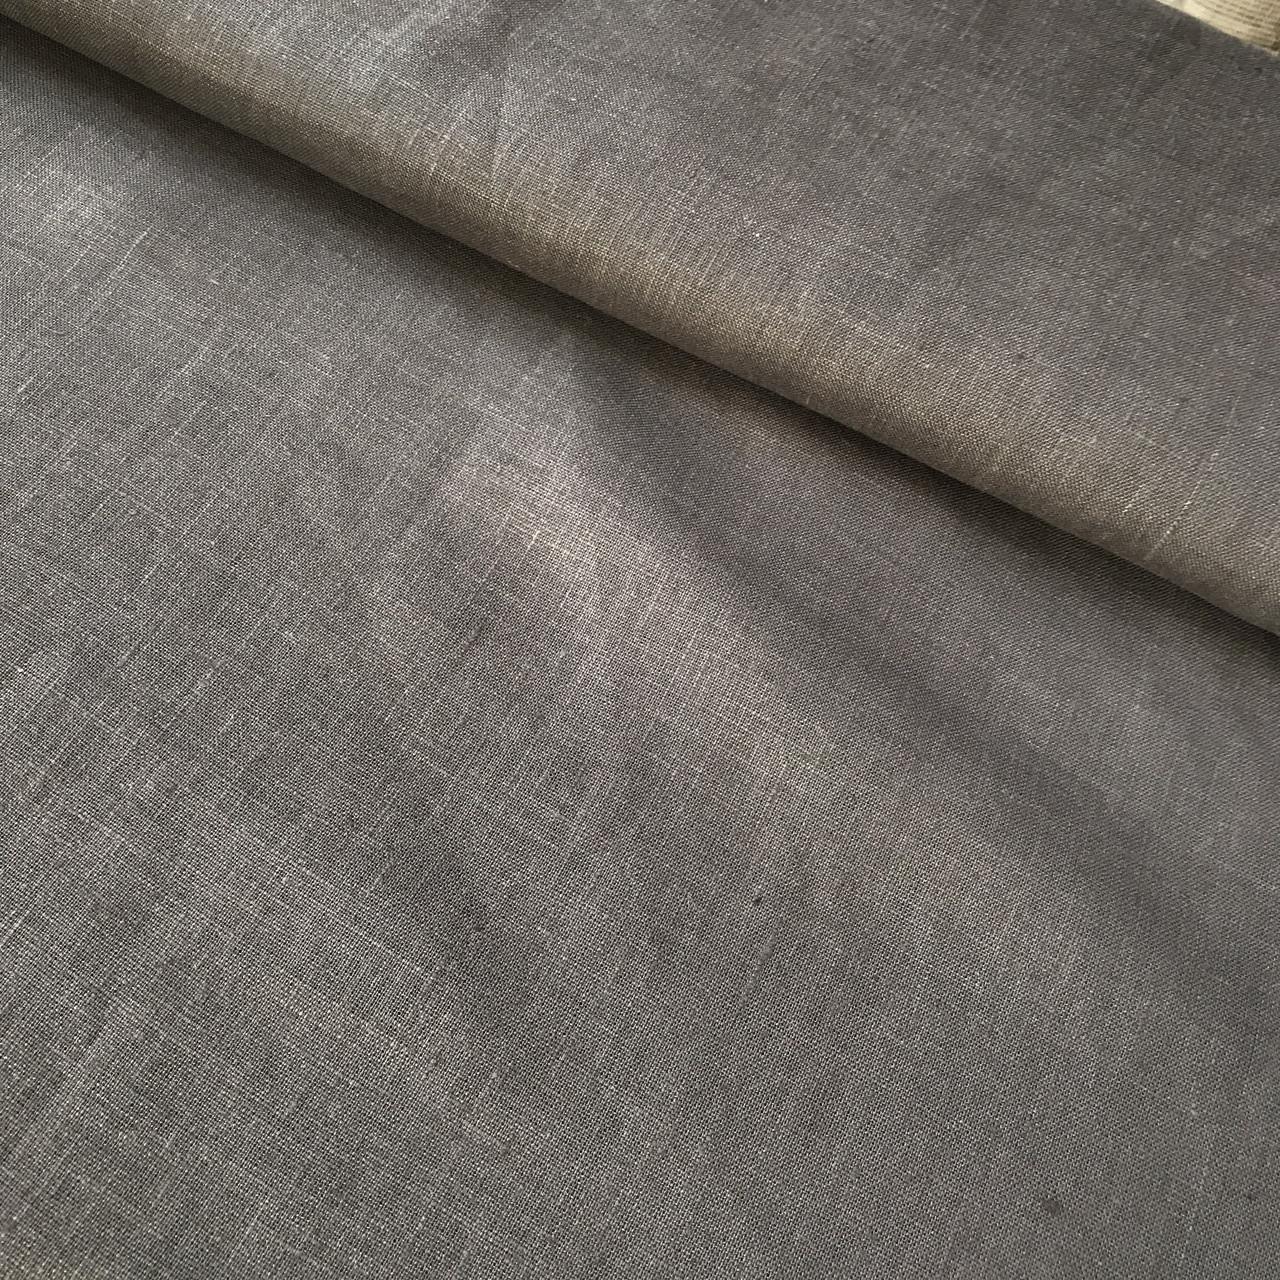 Белорусская льняная ткань купить чебоксарский трикотаж оптом